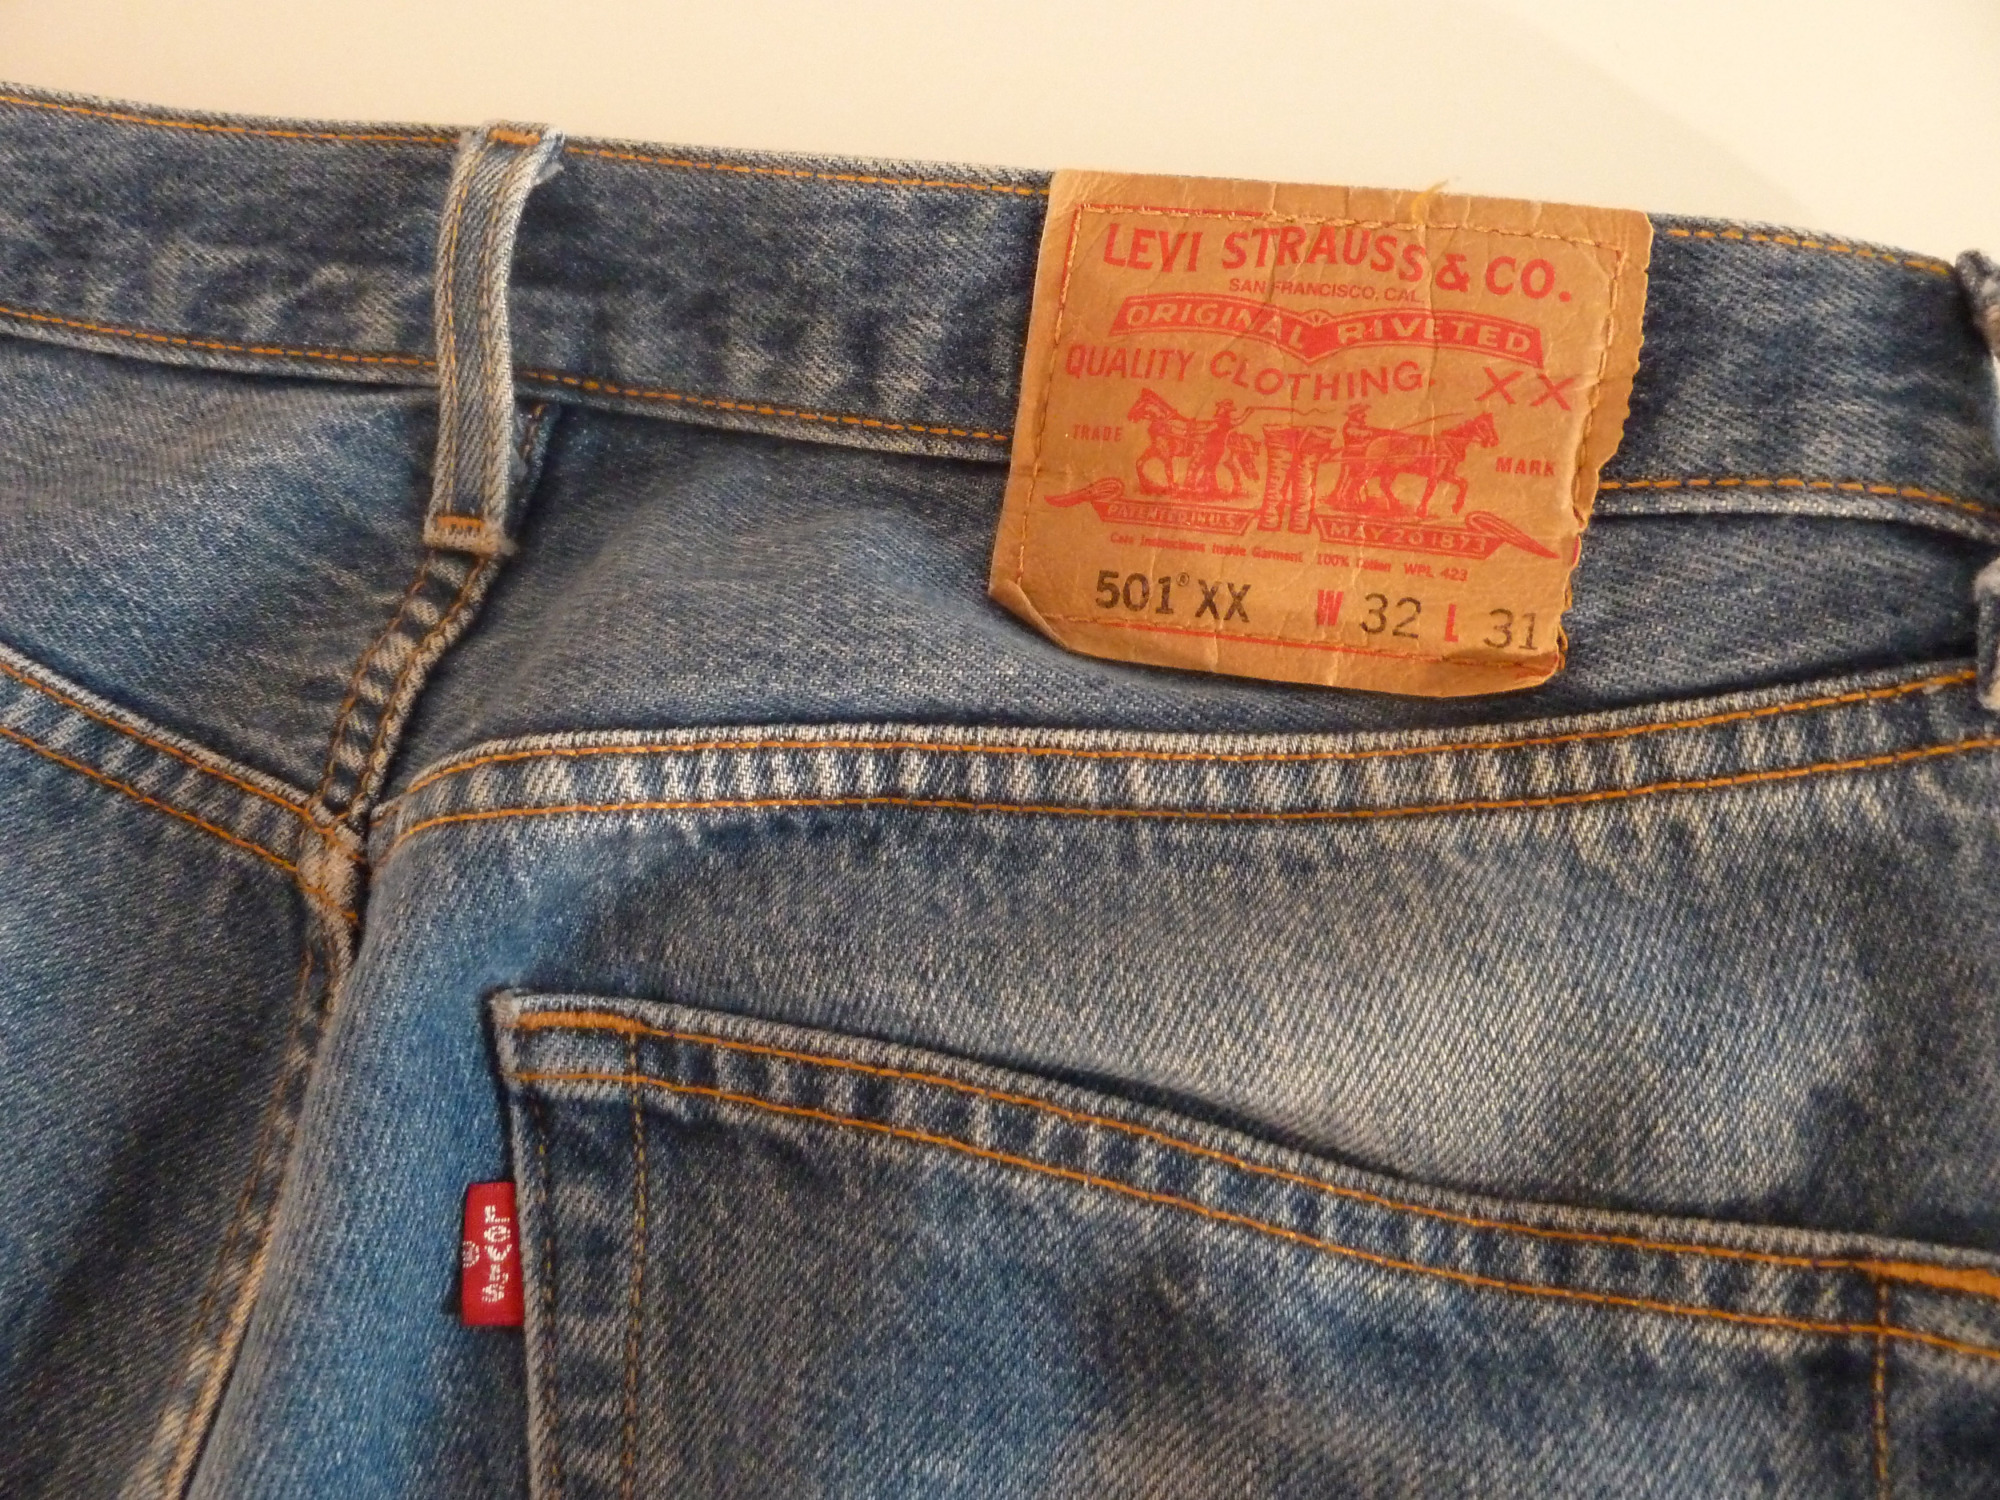 prezzo competitivo 93a8b 1ebe0 2 Jeans Levi's 501 Vintage/Usato